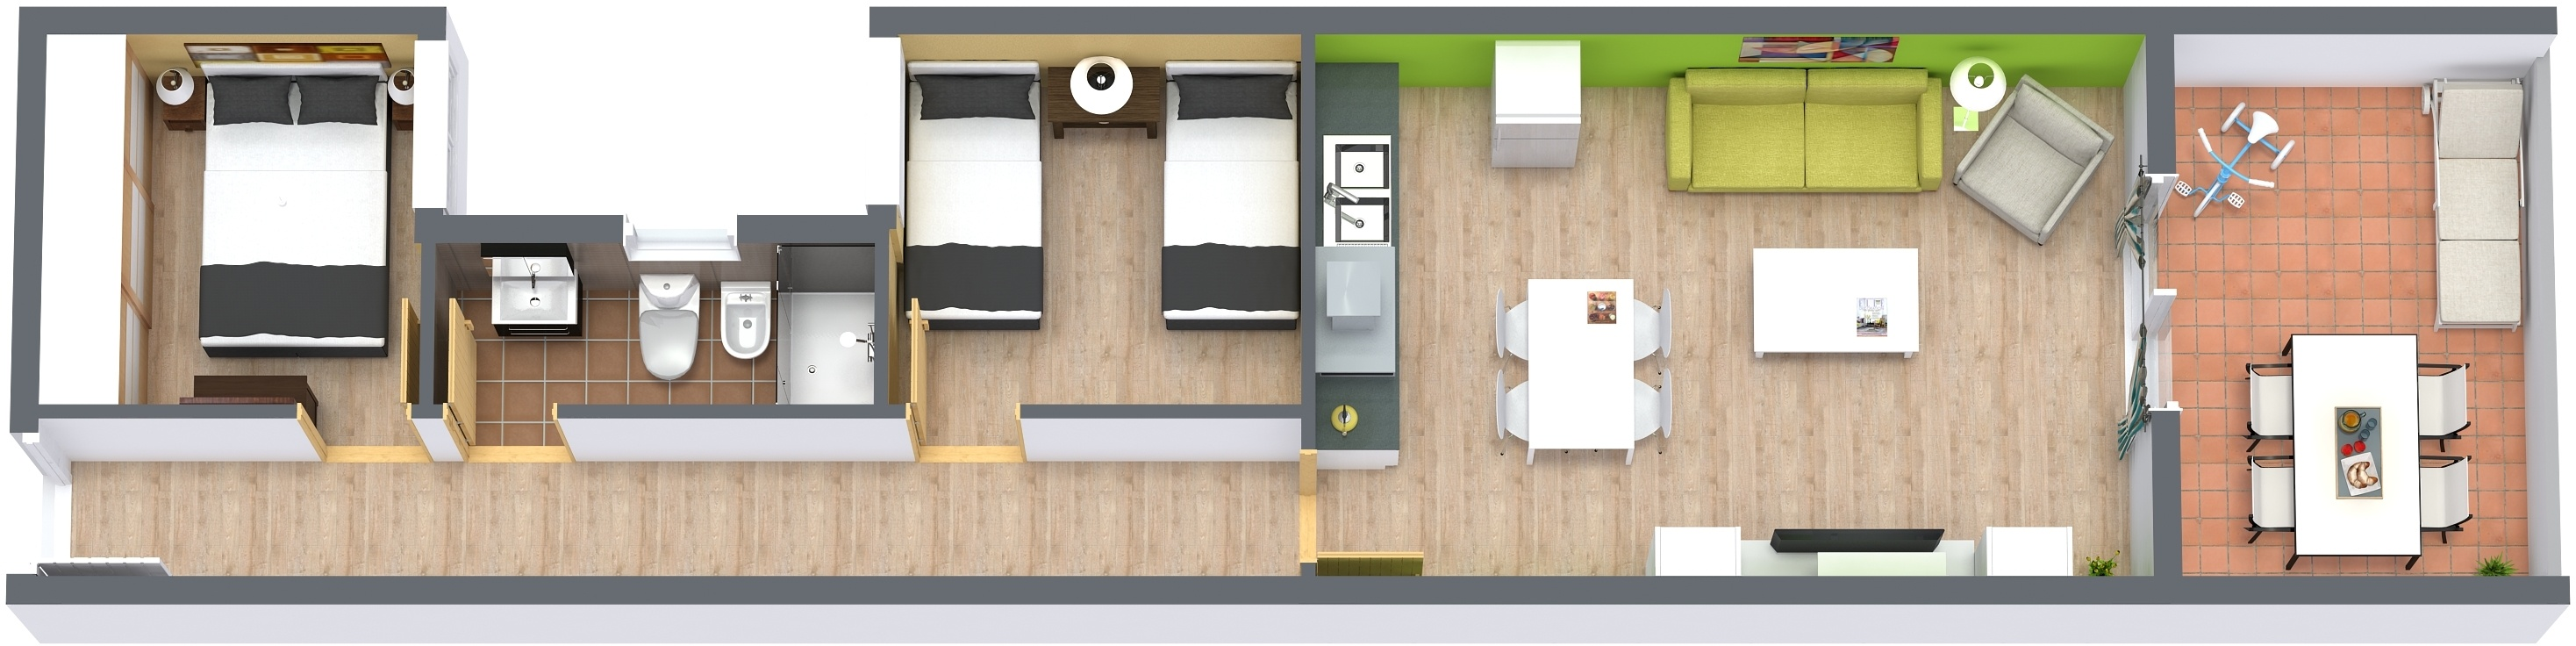 Planos 3d y renders lowcost para inmobiliaria fotograf a for Planos de cocinas 3d